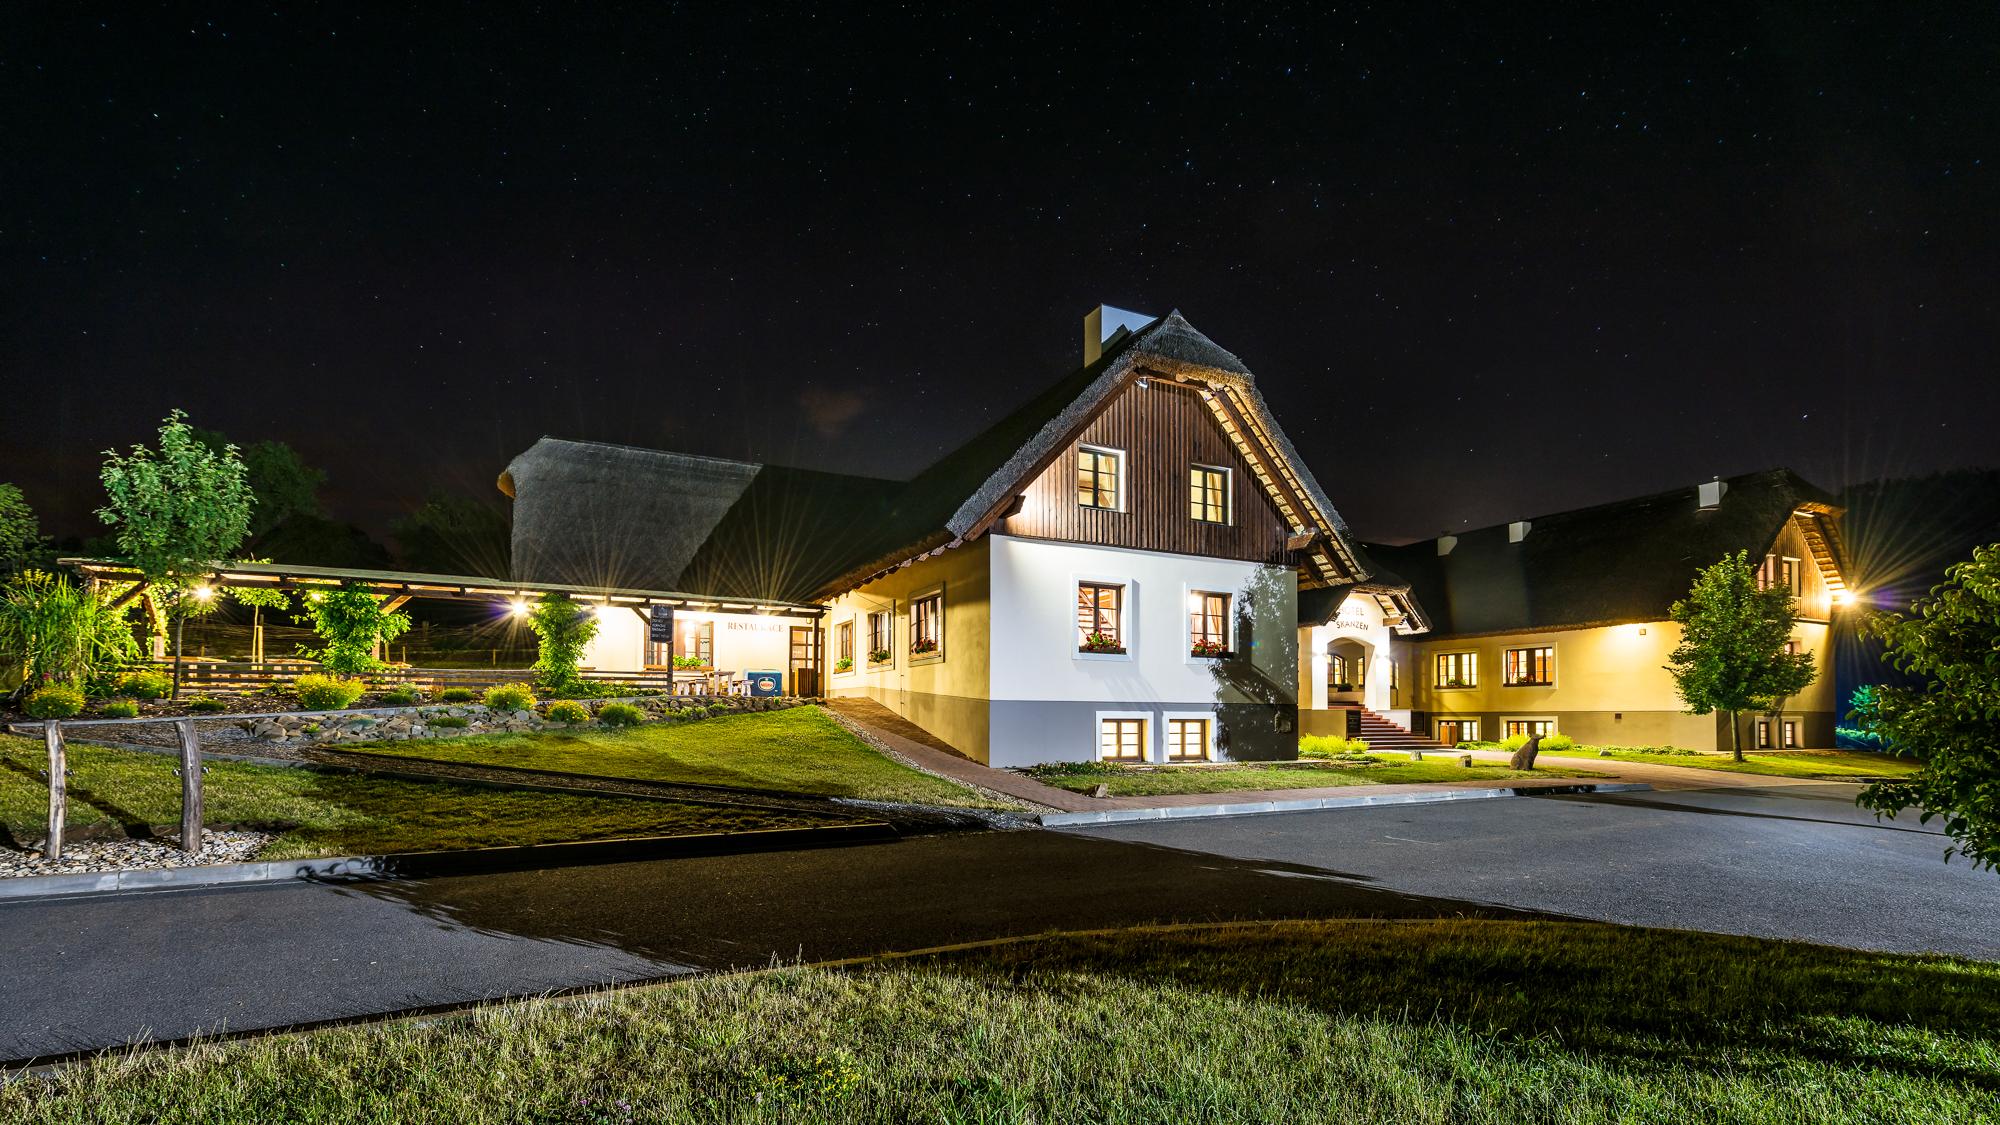 Hotel_Skanzen_m_016